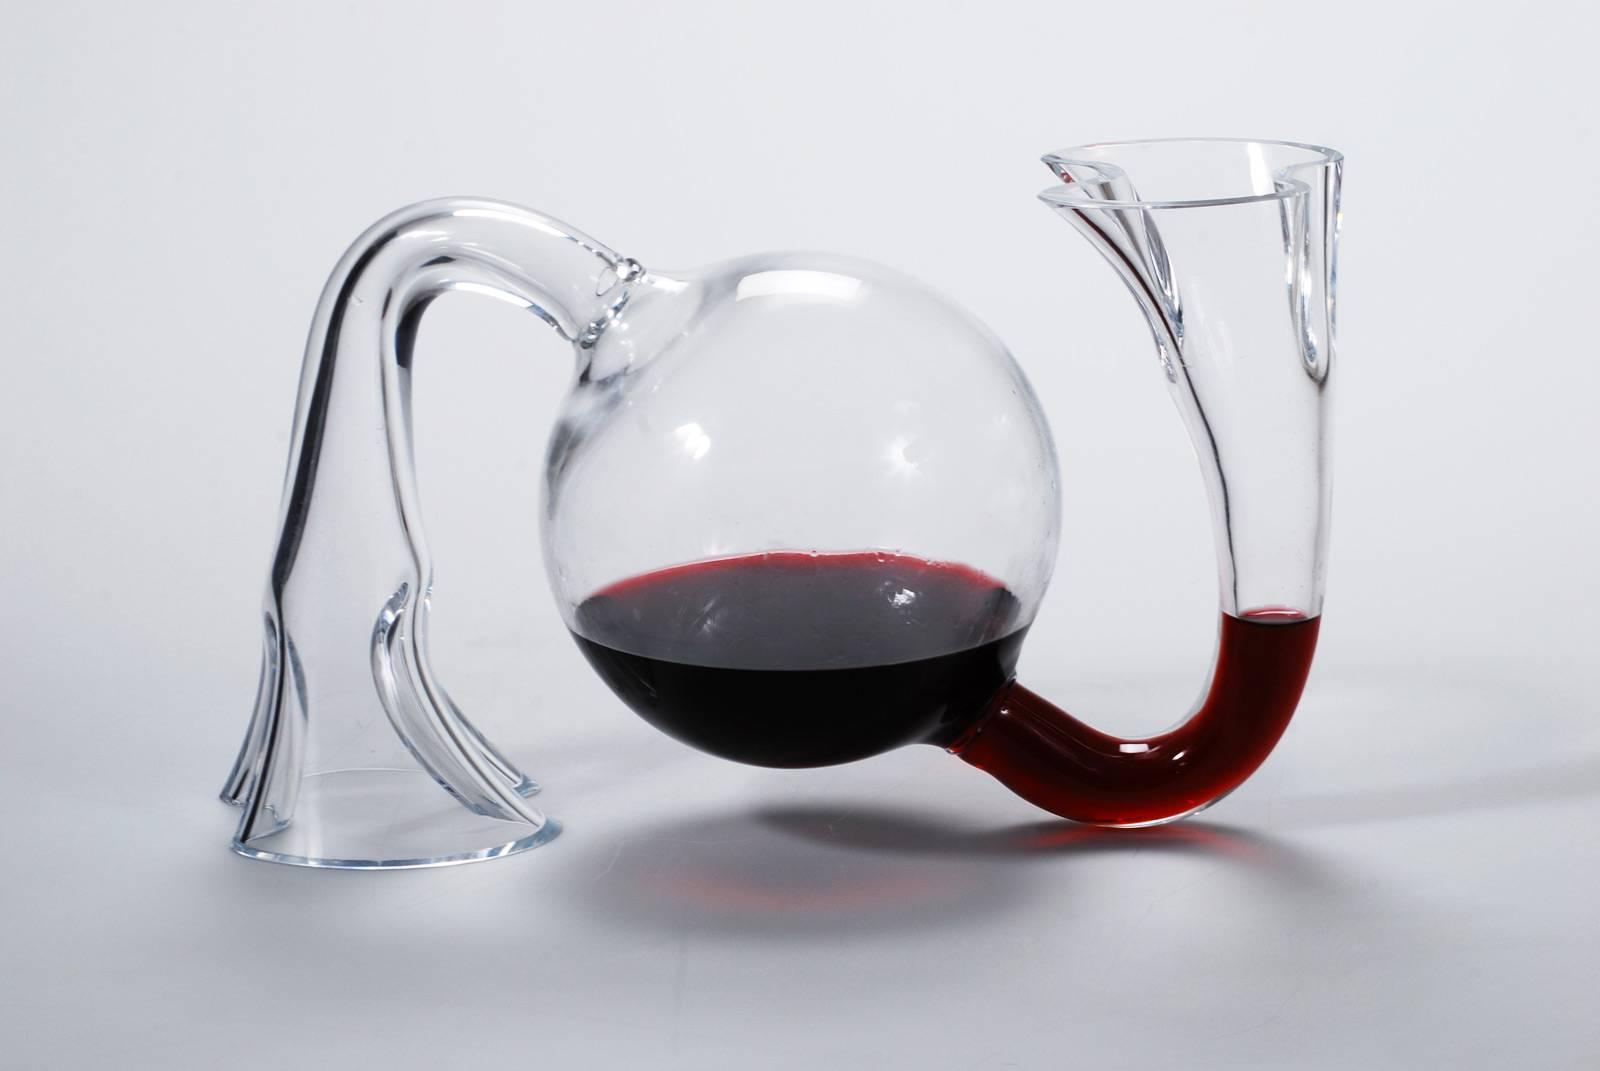 la feuille de vigne